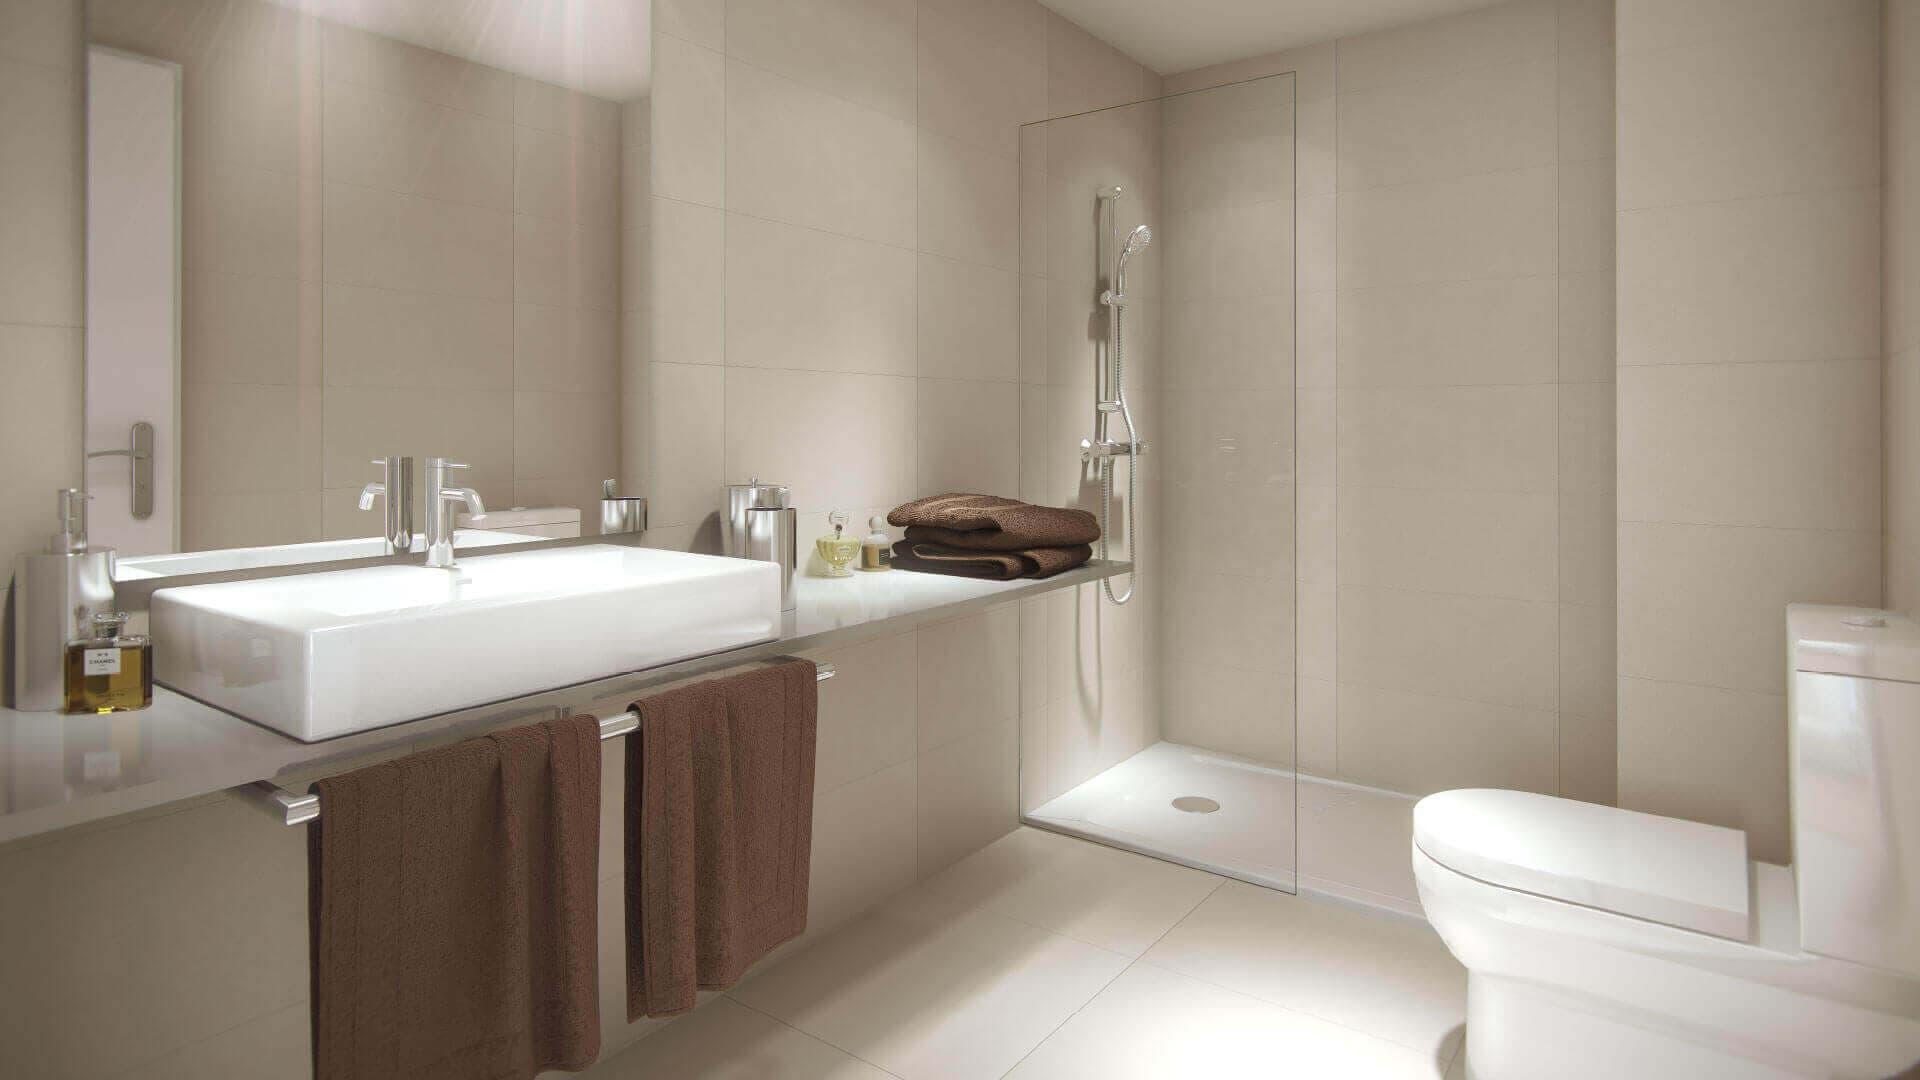 Vista interior lavabo amplio con excelentes calidades Odeón Residencial